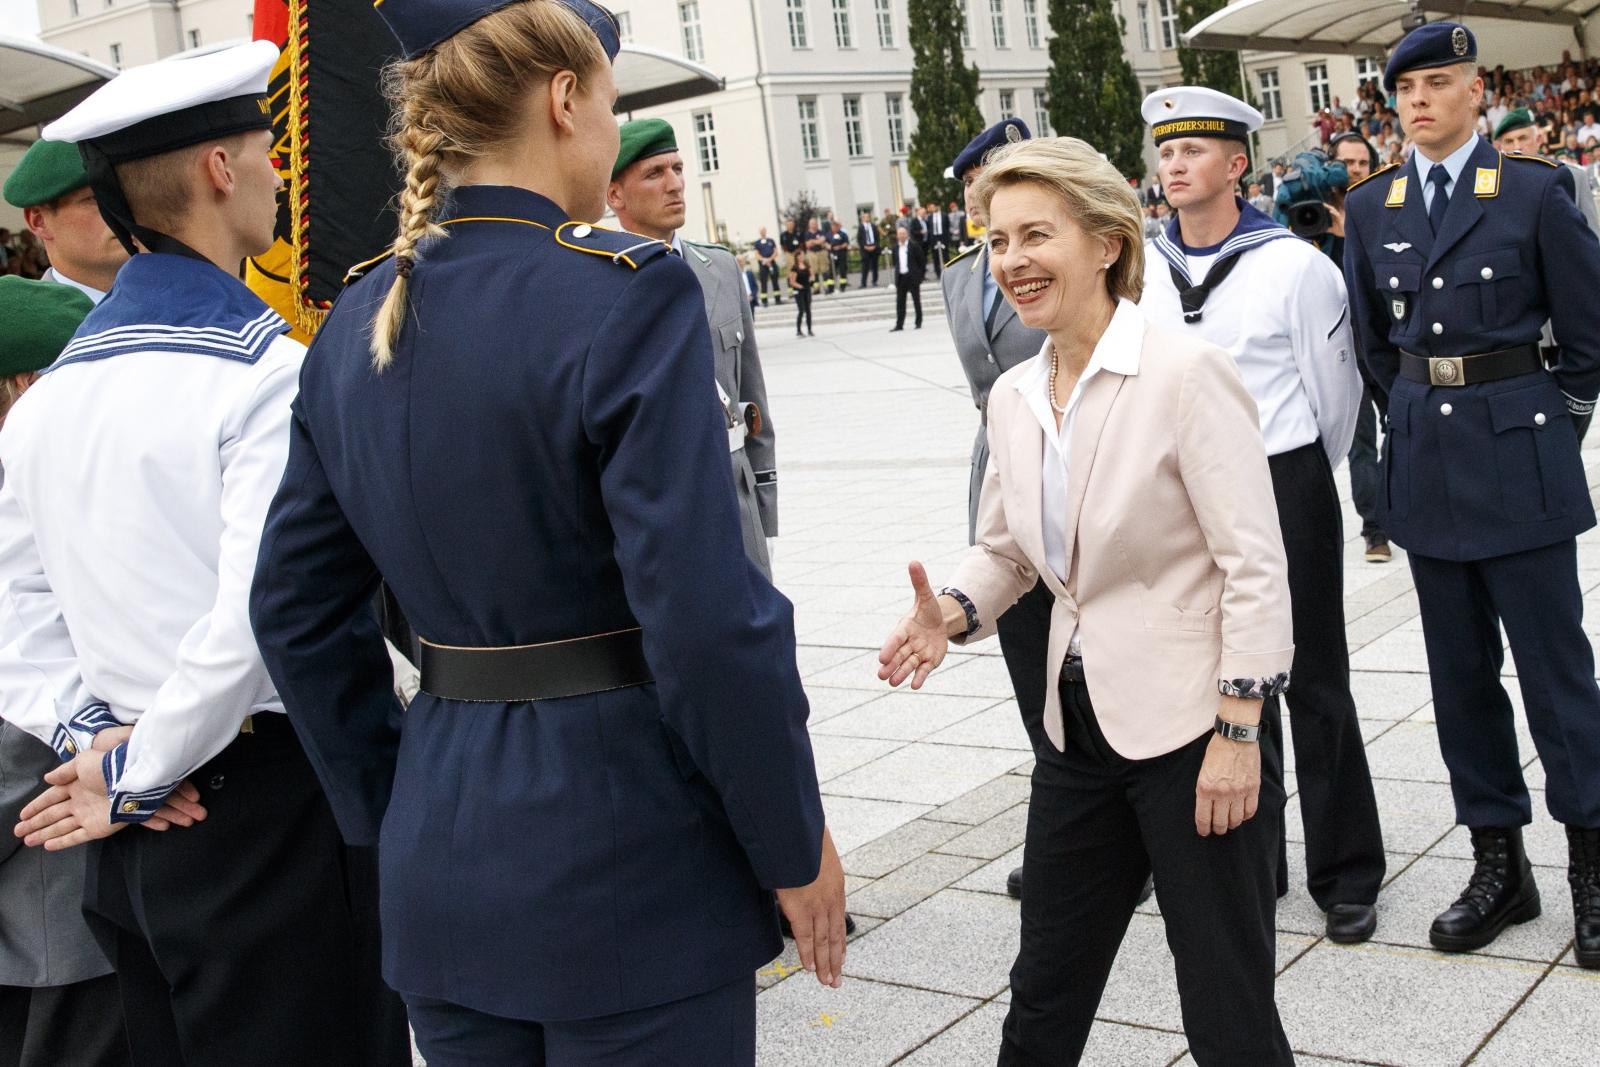 Niemiecka minister obrony Ursula von der Leyen wita się z rekonstruktorami historycznymi, z czasów II Wojny Światowej